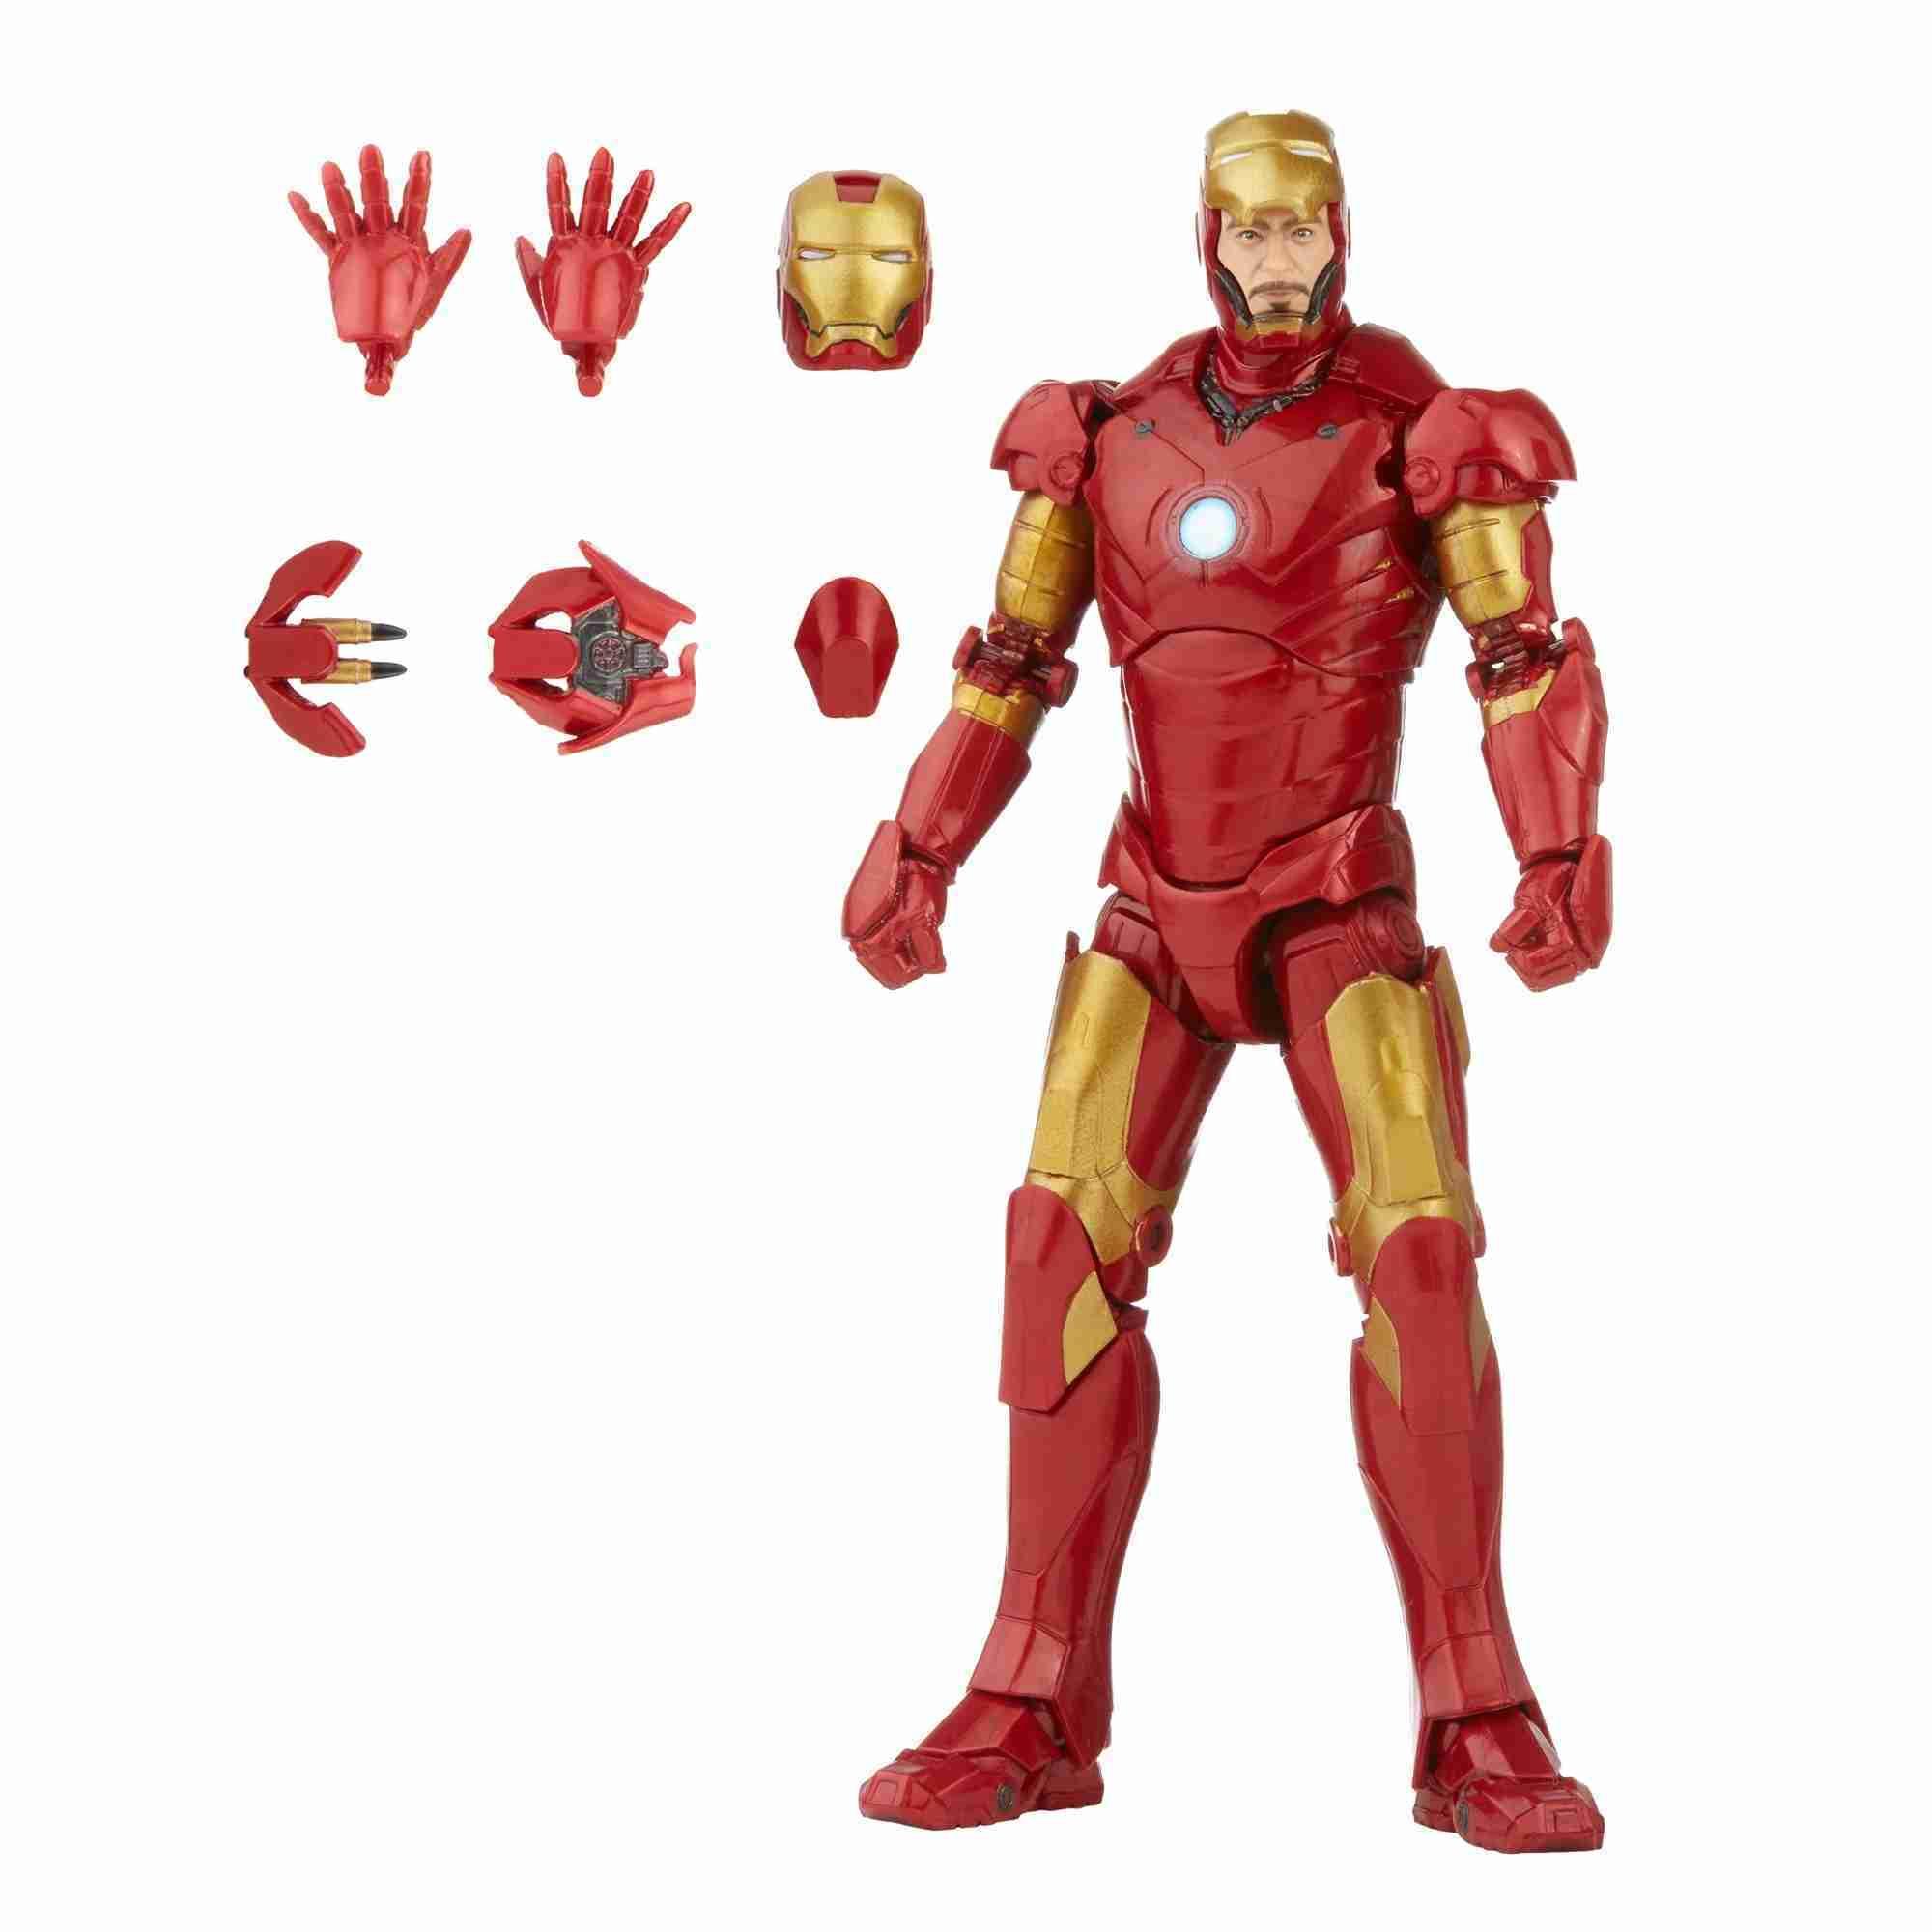 Iron Man Mark 3 1